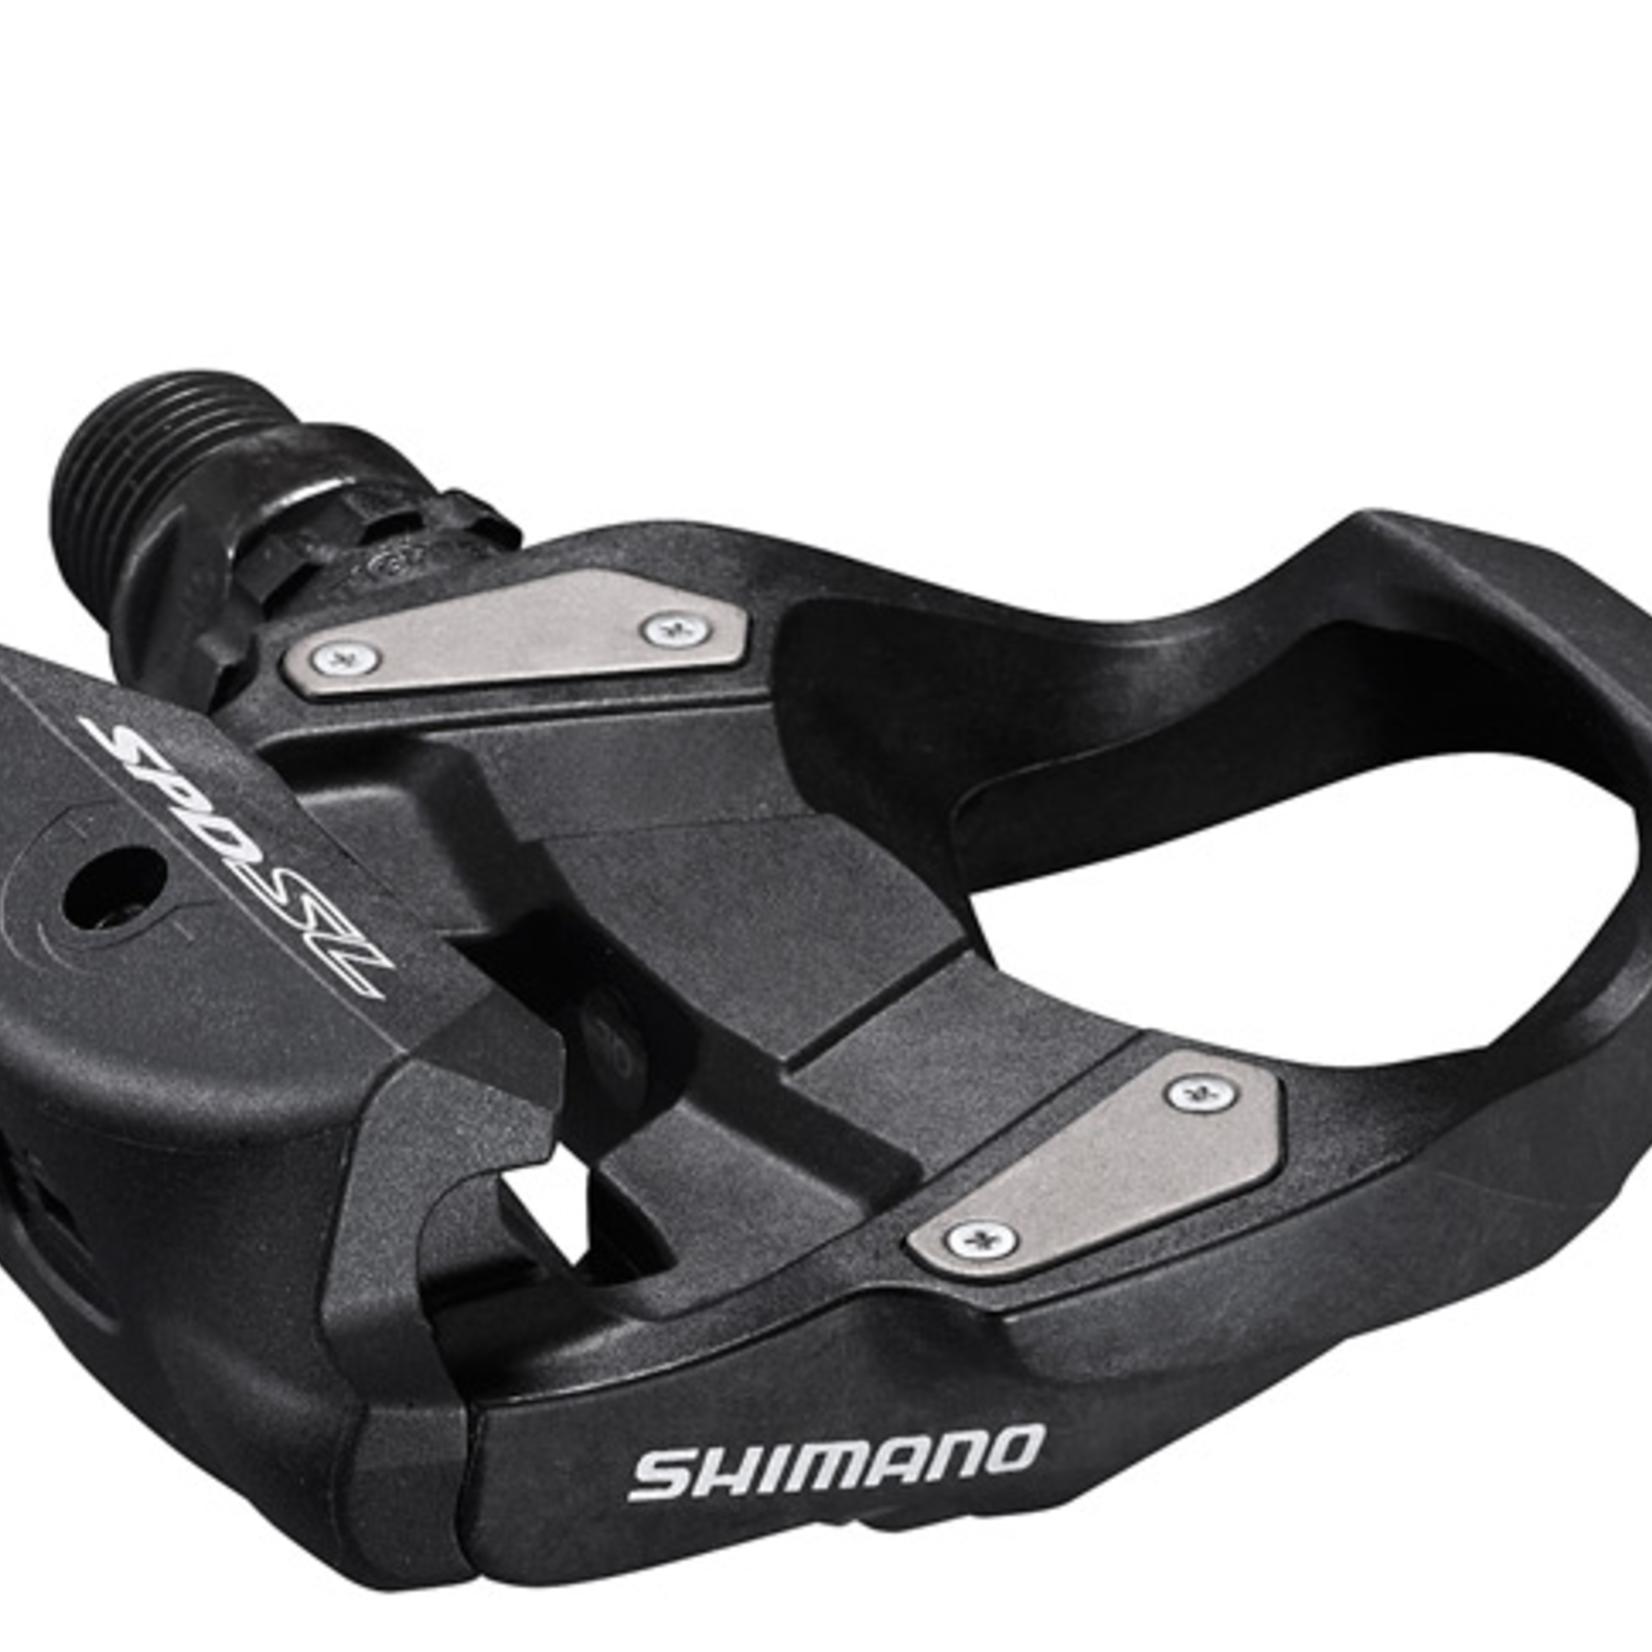 Shimano Shimano SPD SL Pedals RS 500